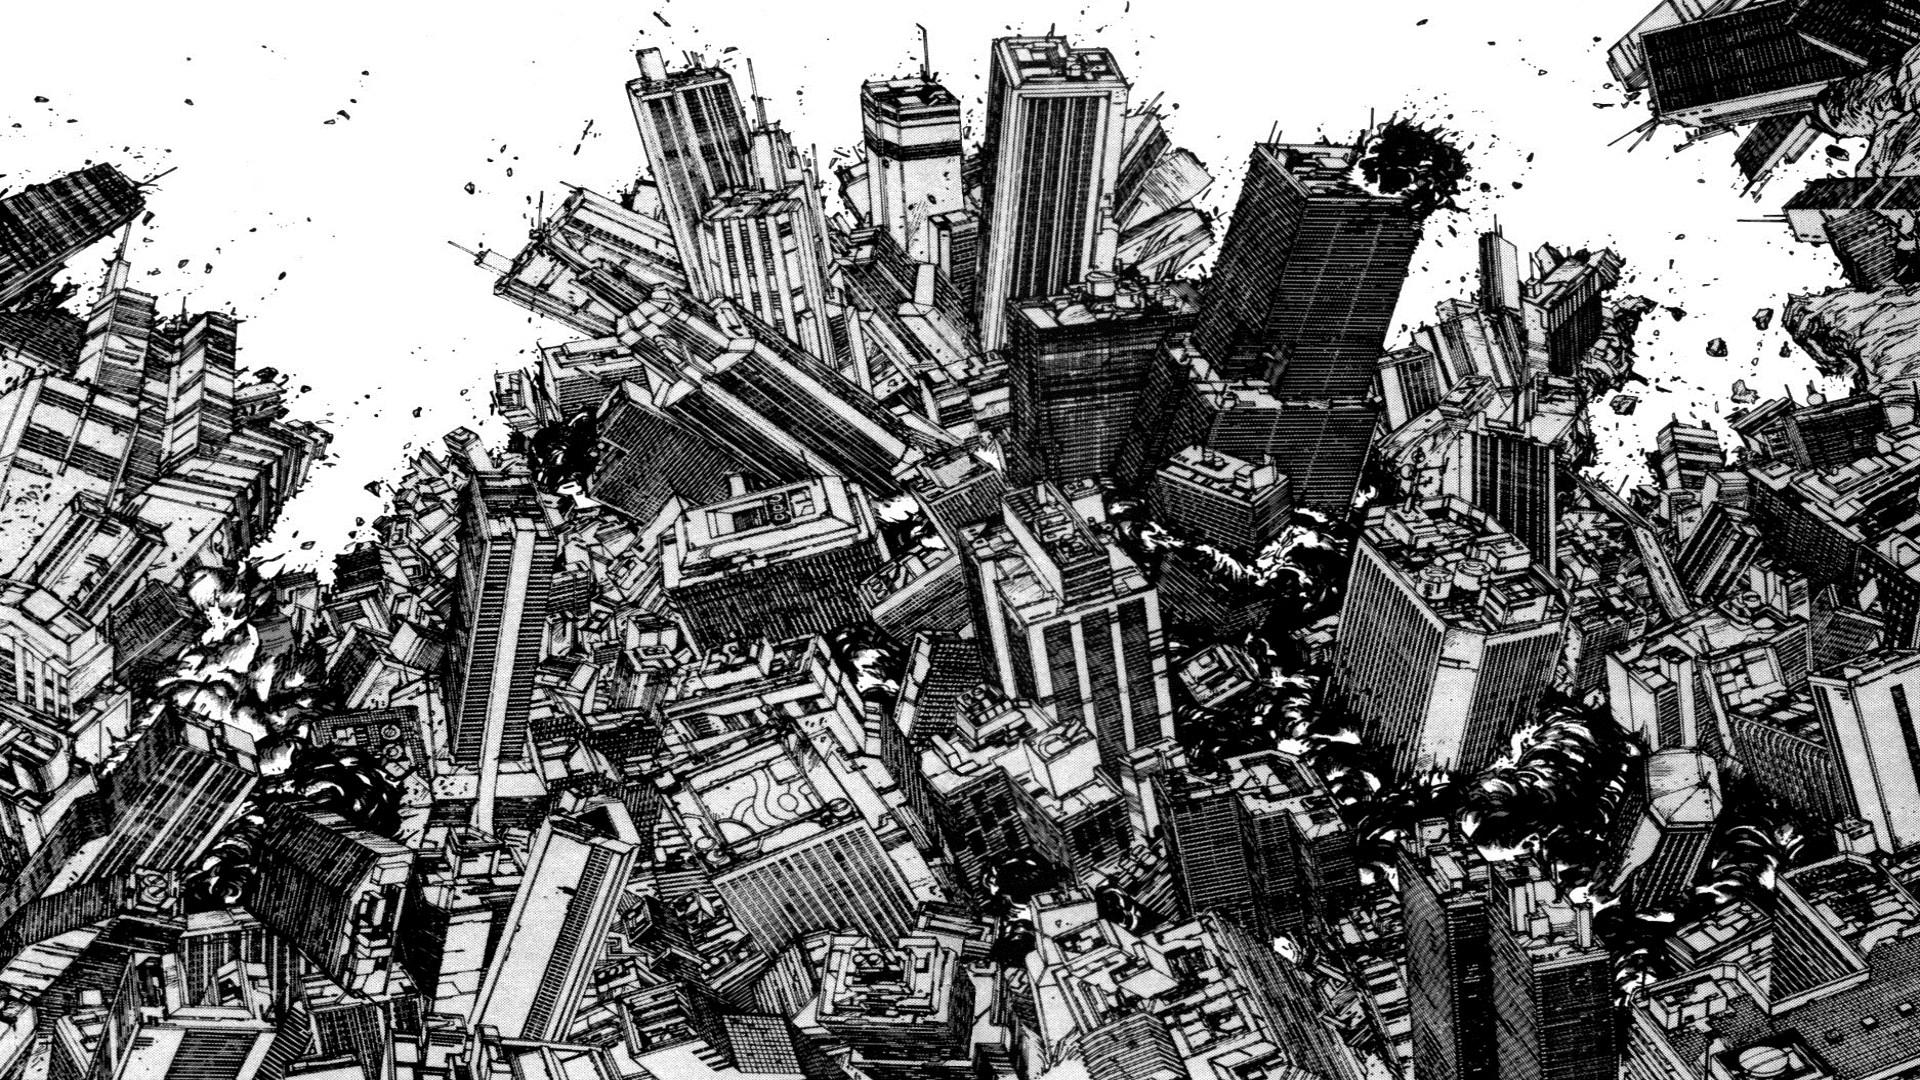 Manga Wallpaper Image